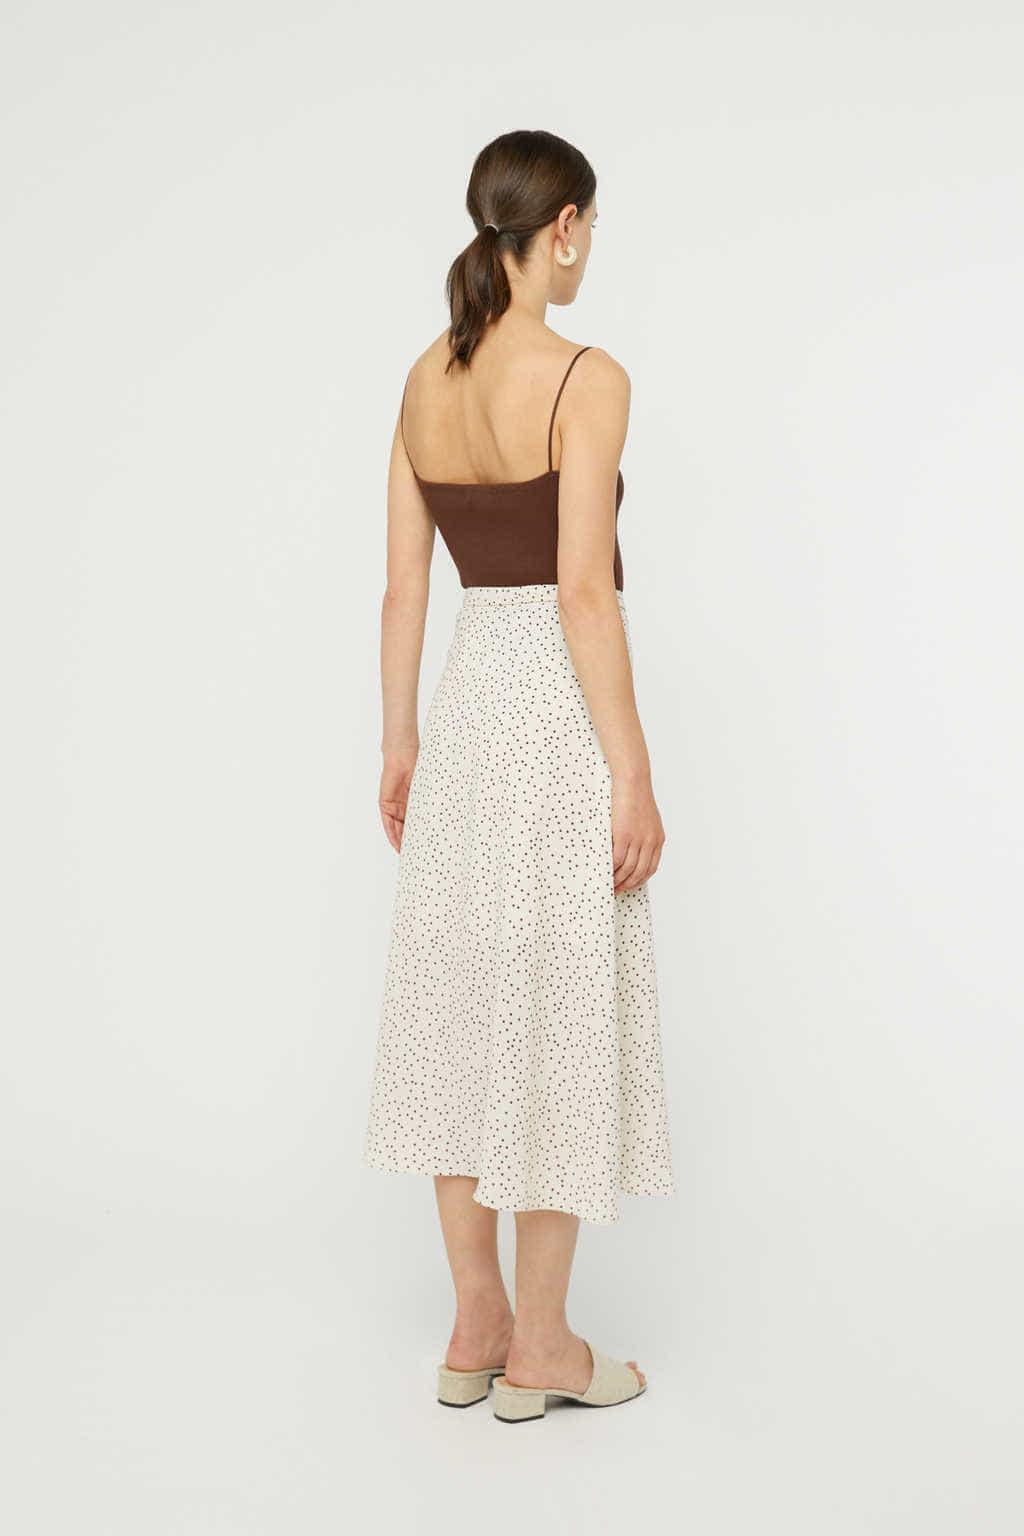 Skirt K025 Cream 4